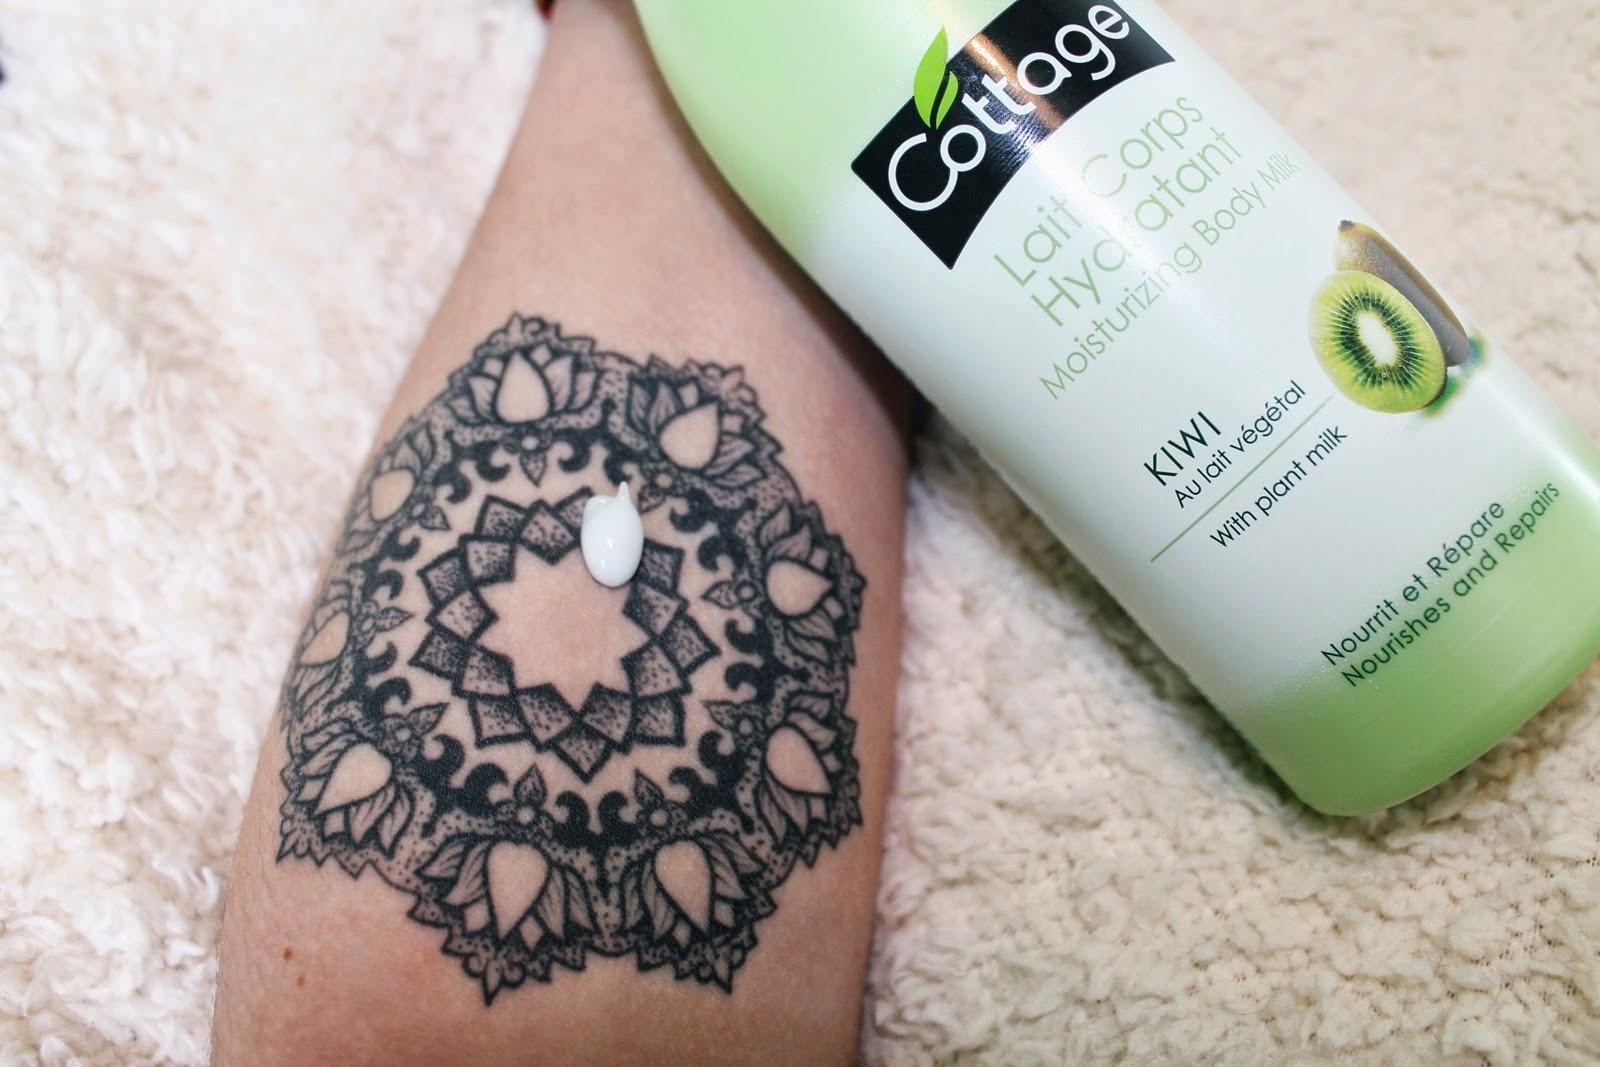 Comment Nettoyer Un Tatouage comment entretenir un tatouage permanent?